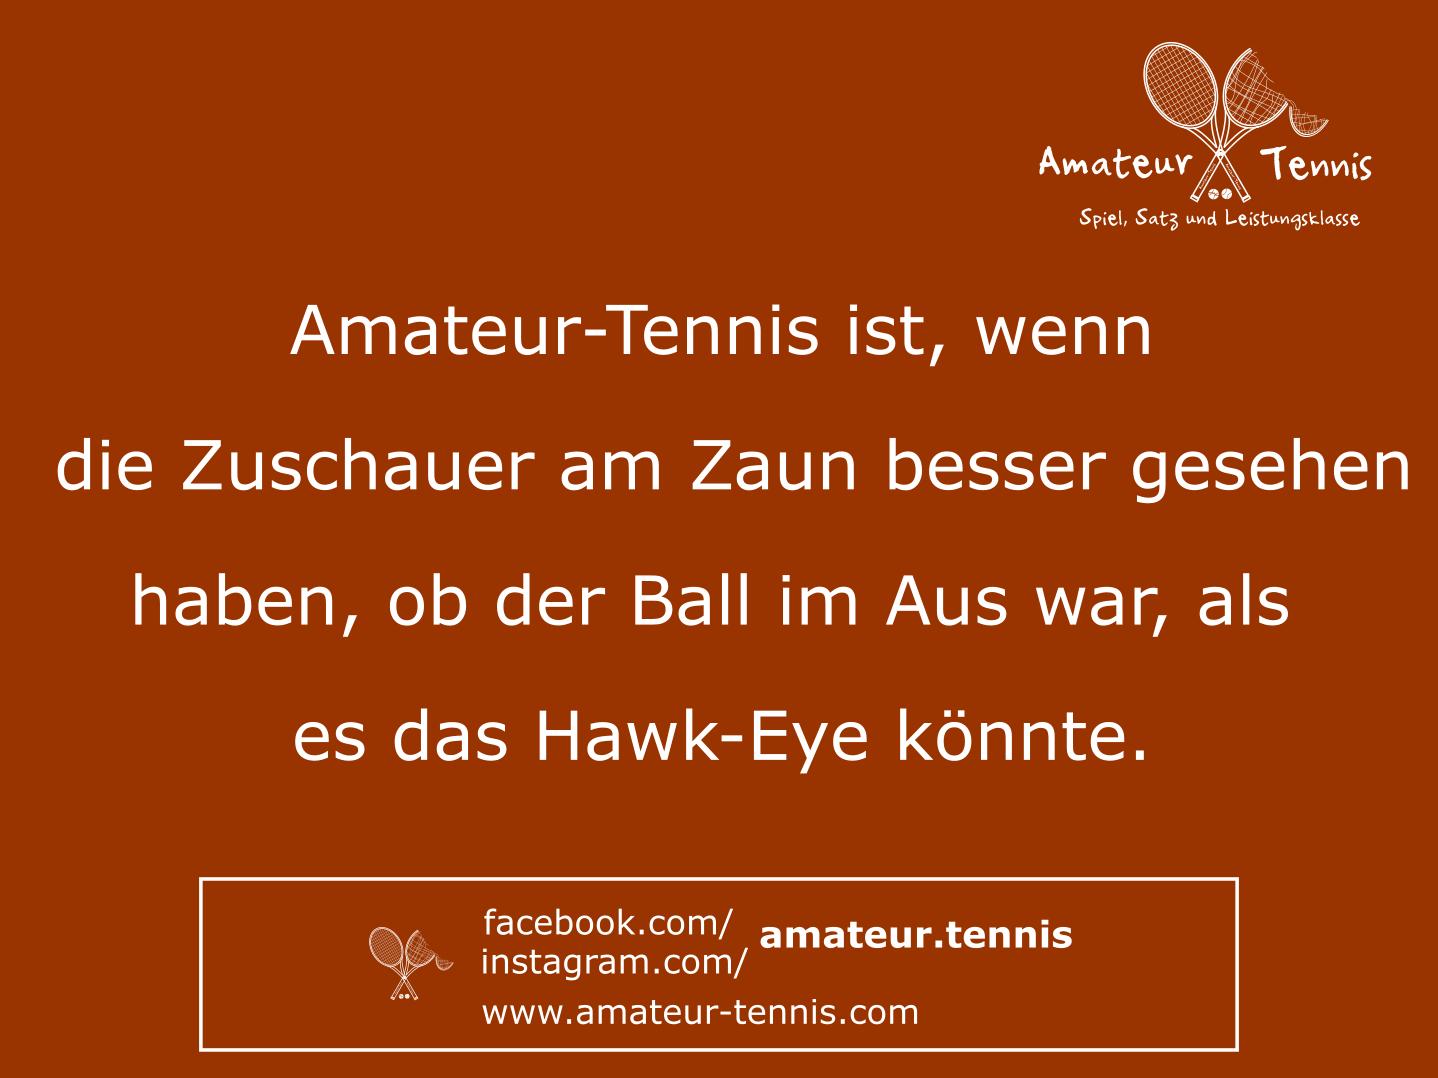 Zuschauer statt Hawk-Eye